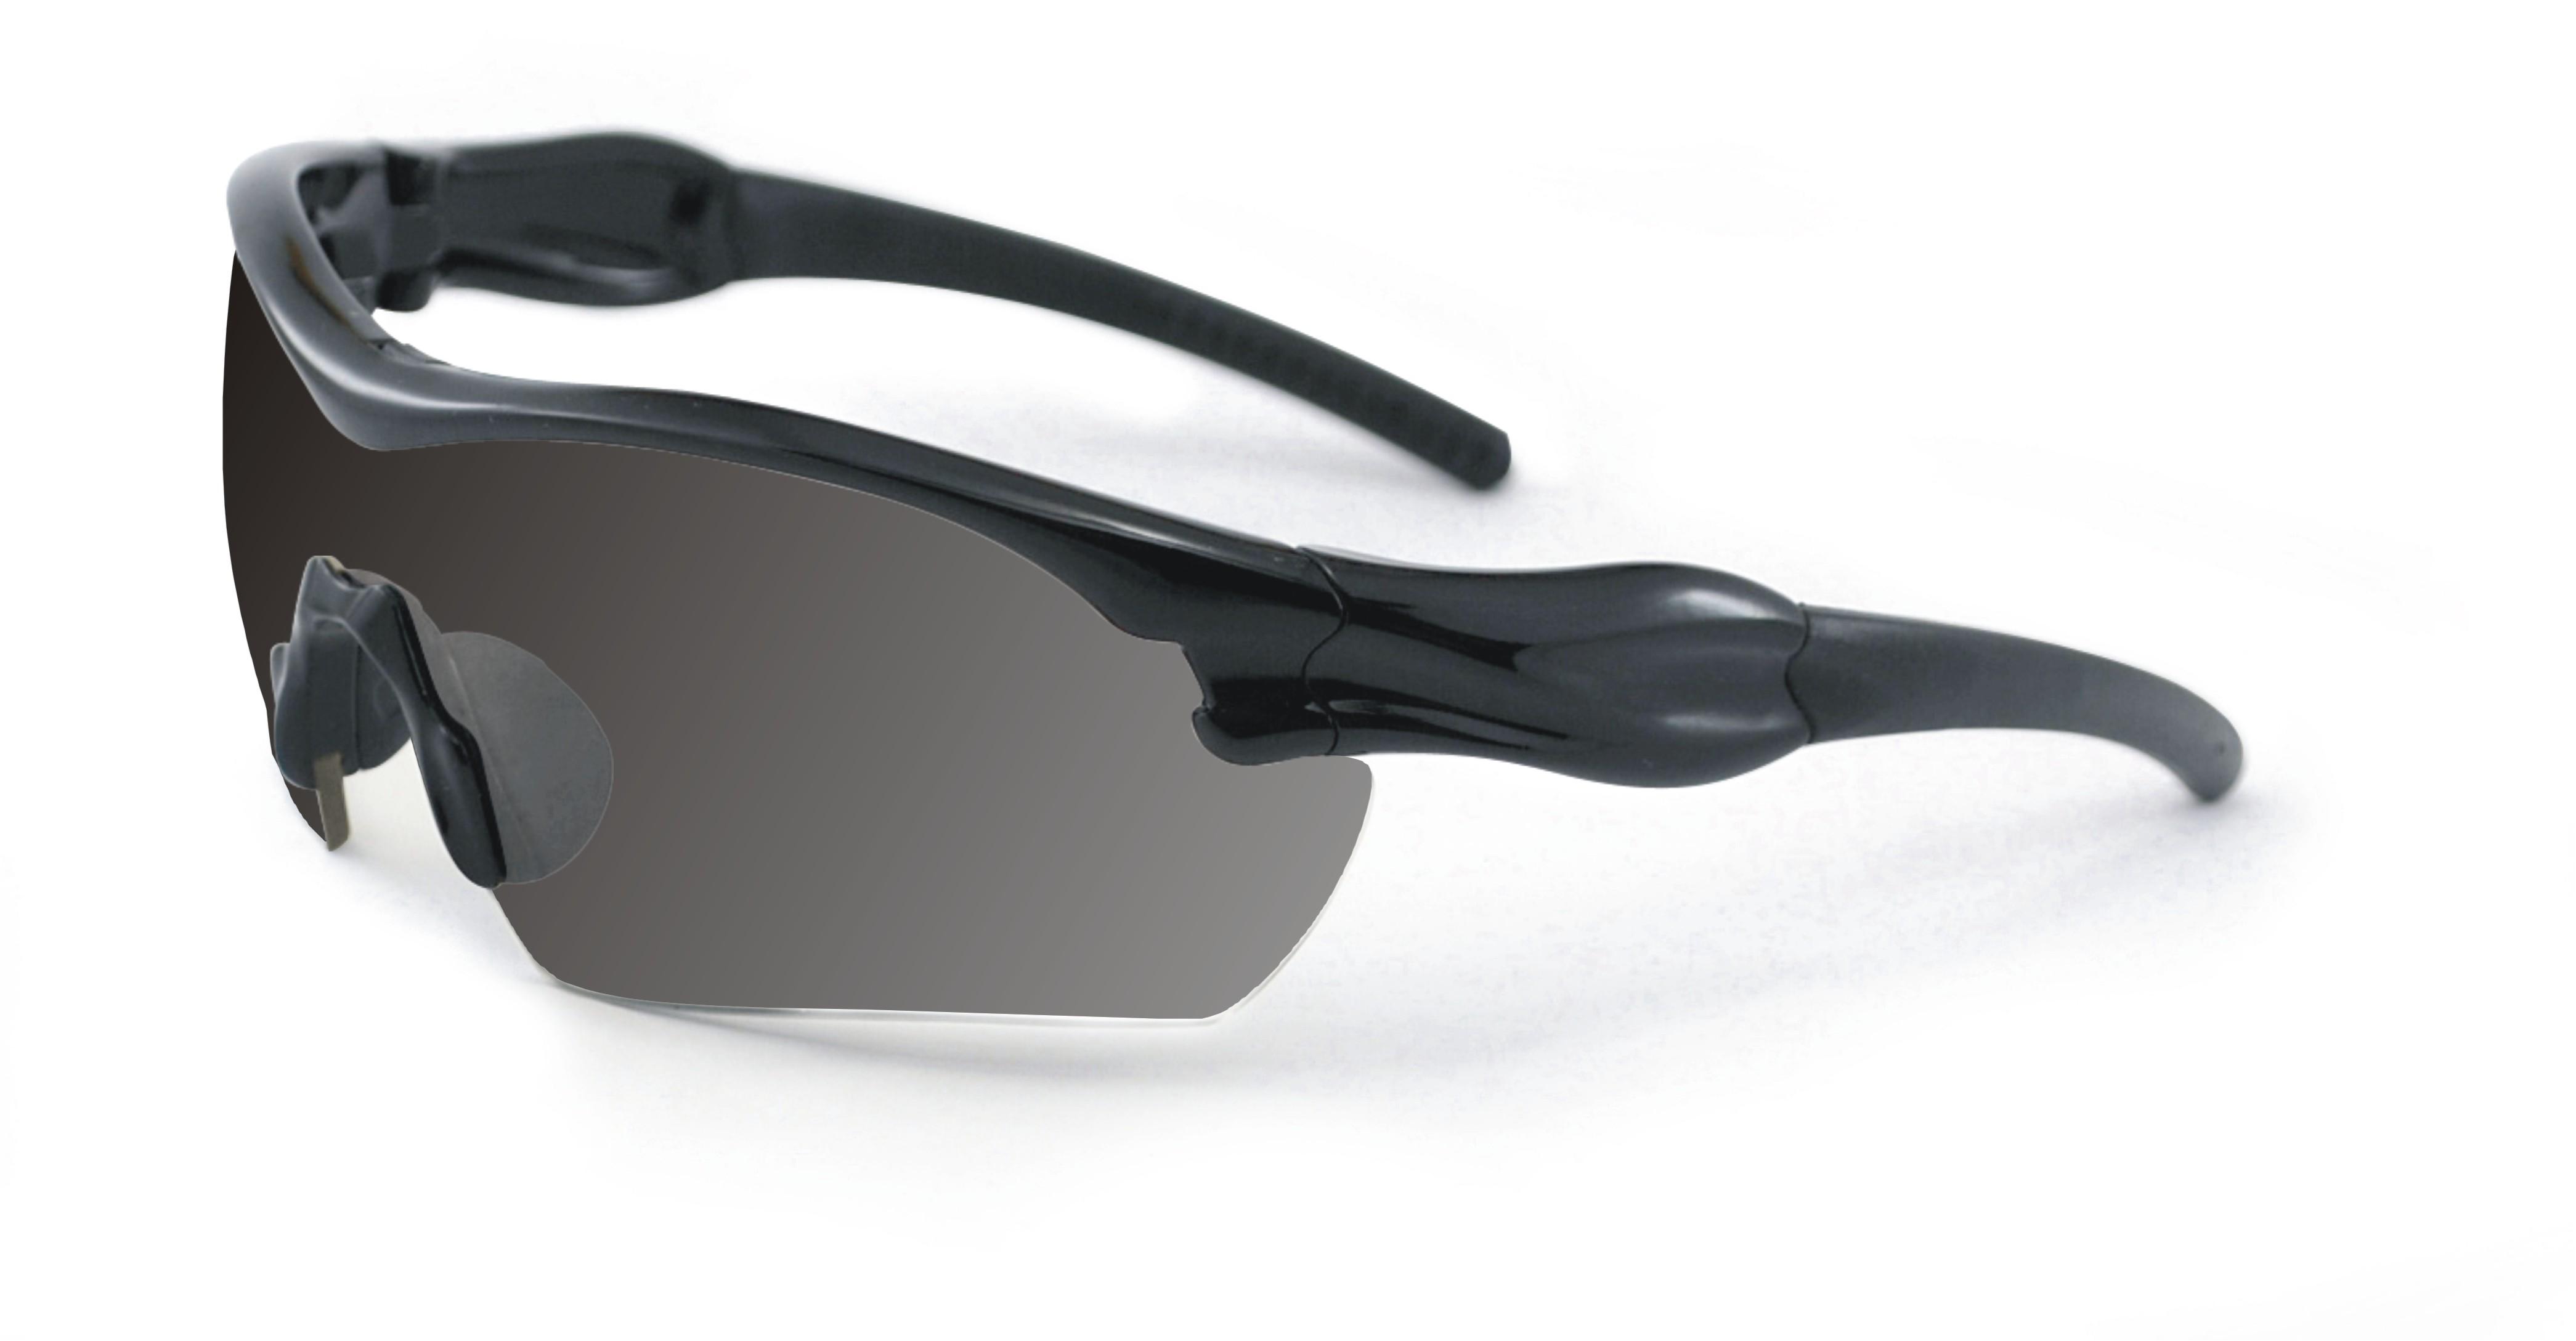 Óculos Raptor cinza